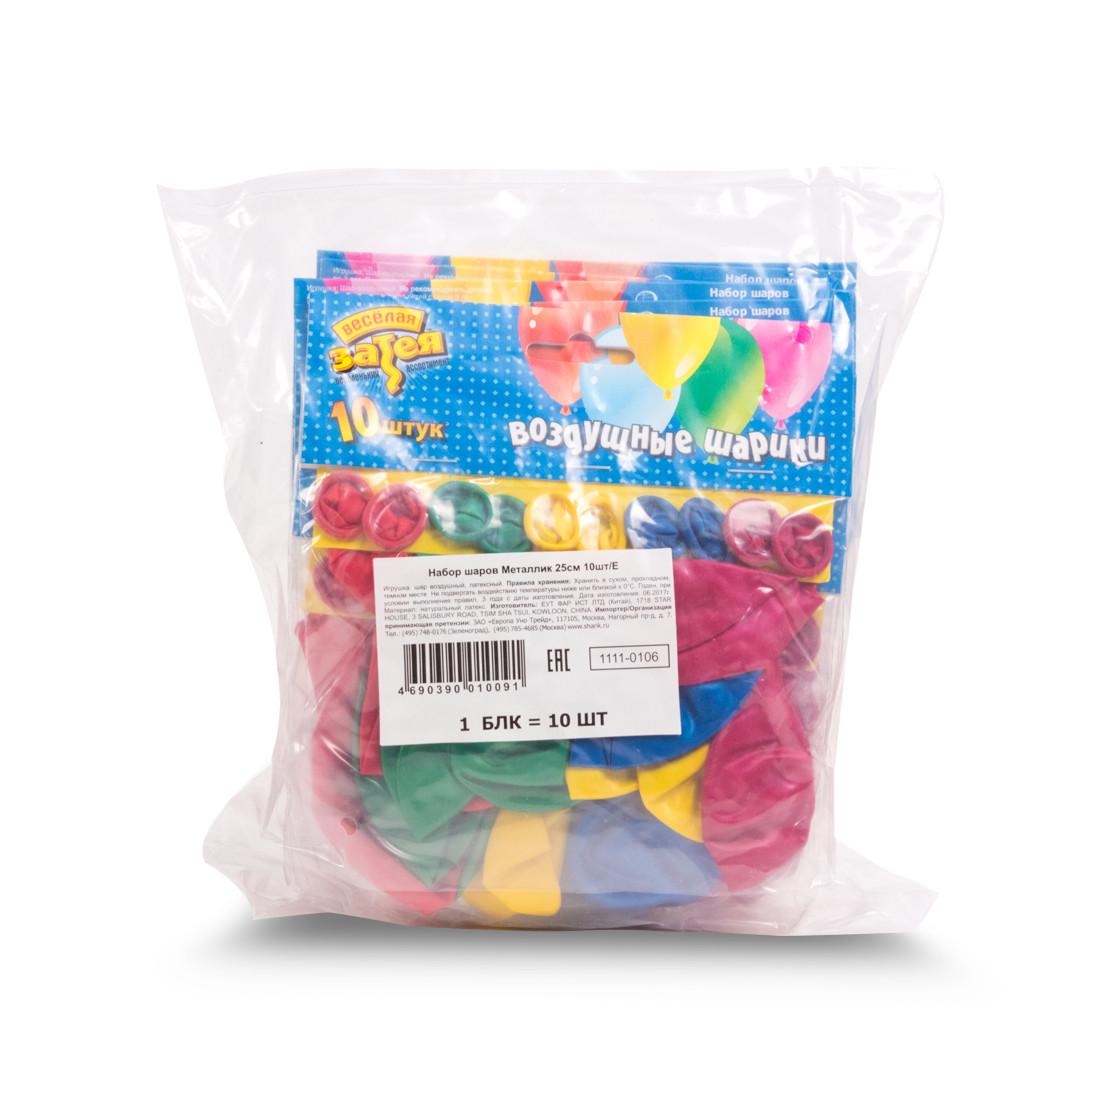 Воздушные шарики 1111-0106 (10 шт. в пакете) - фото 3